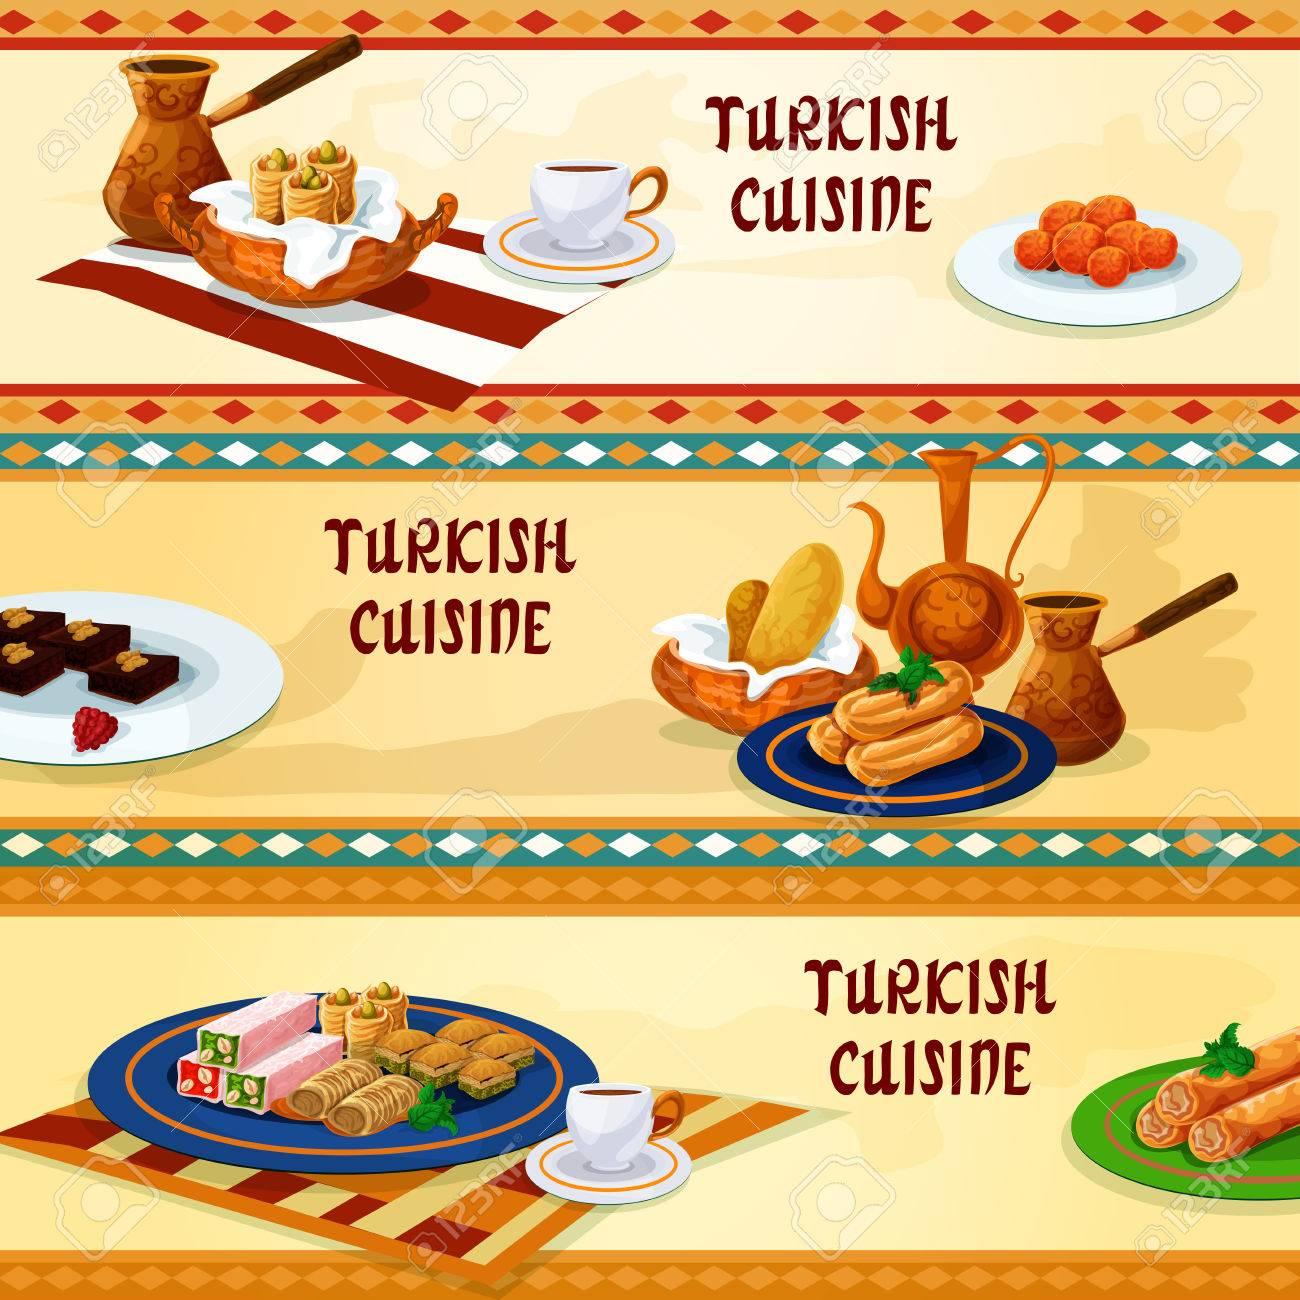 Turkische Kuche Nachtischmenu Banner Mit Naturlichen Kaffee Serviert